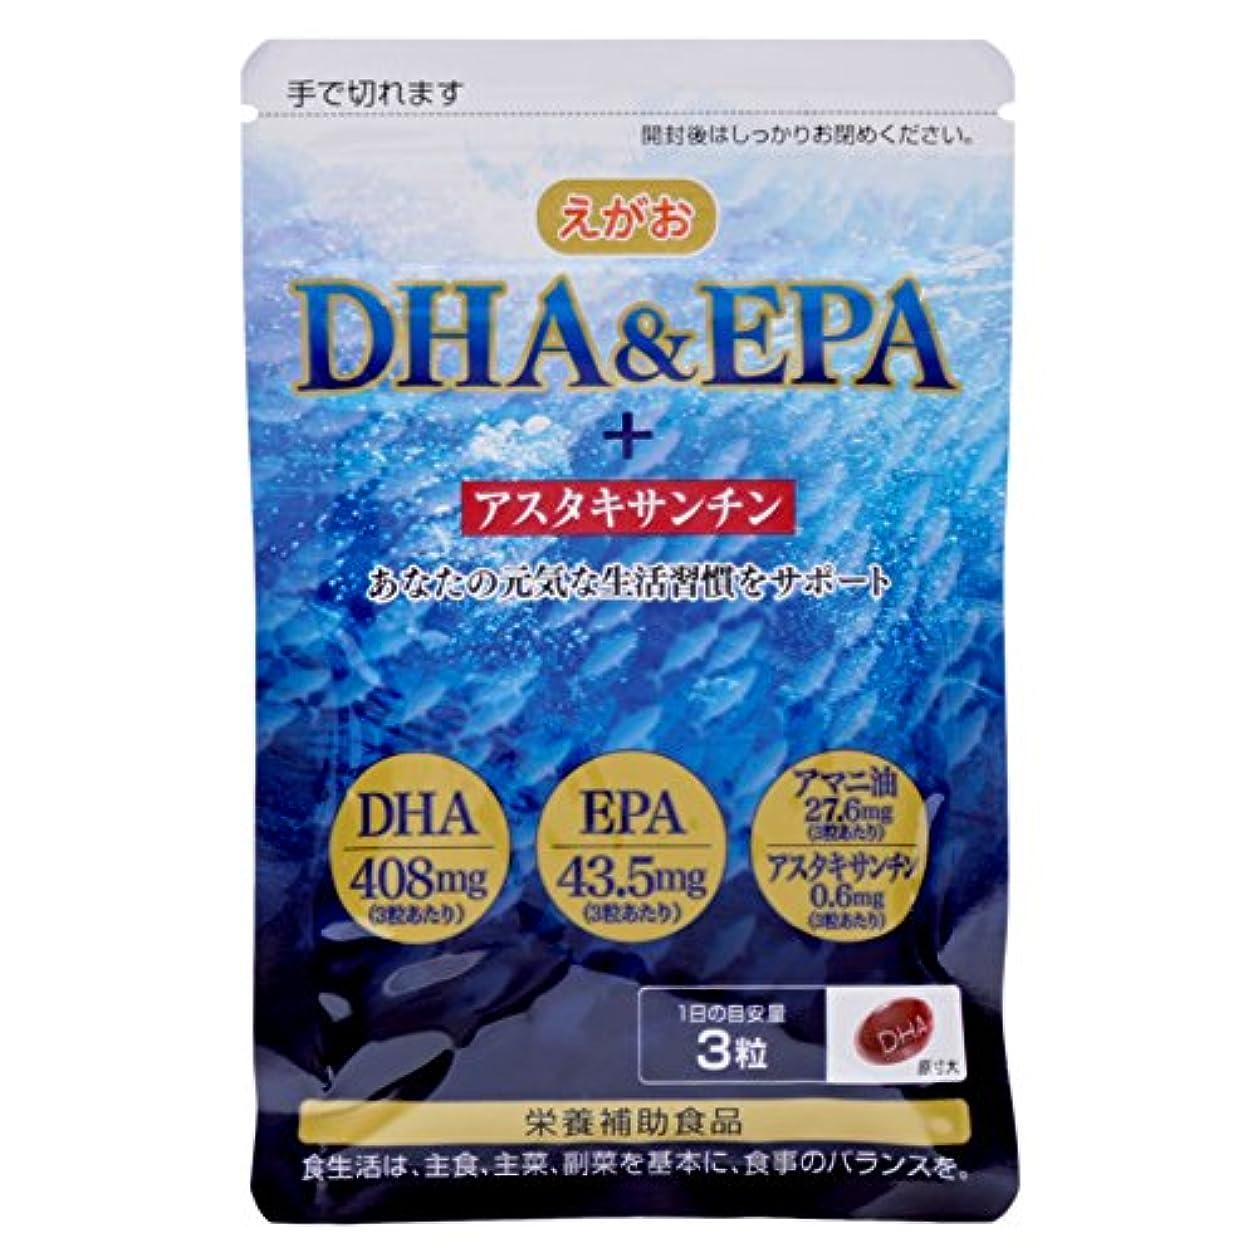 鈍いグラス速度えがおの DHA&EPA+アスタキサンチン 【1袋】(1袋/93粒入り 約1ヵ月分) 栄養補助食品